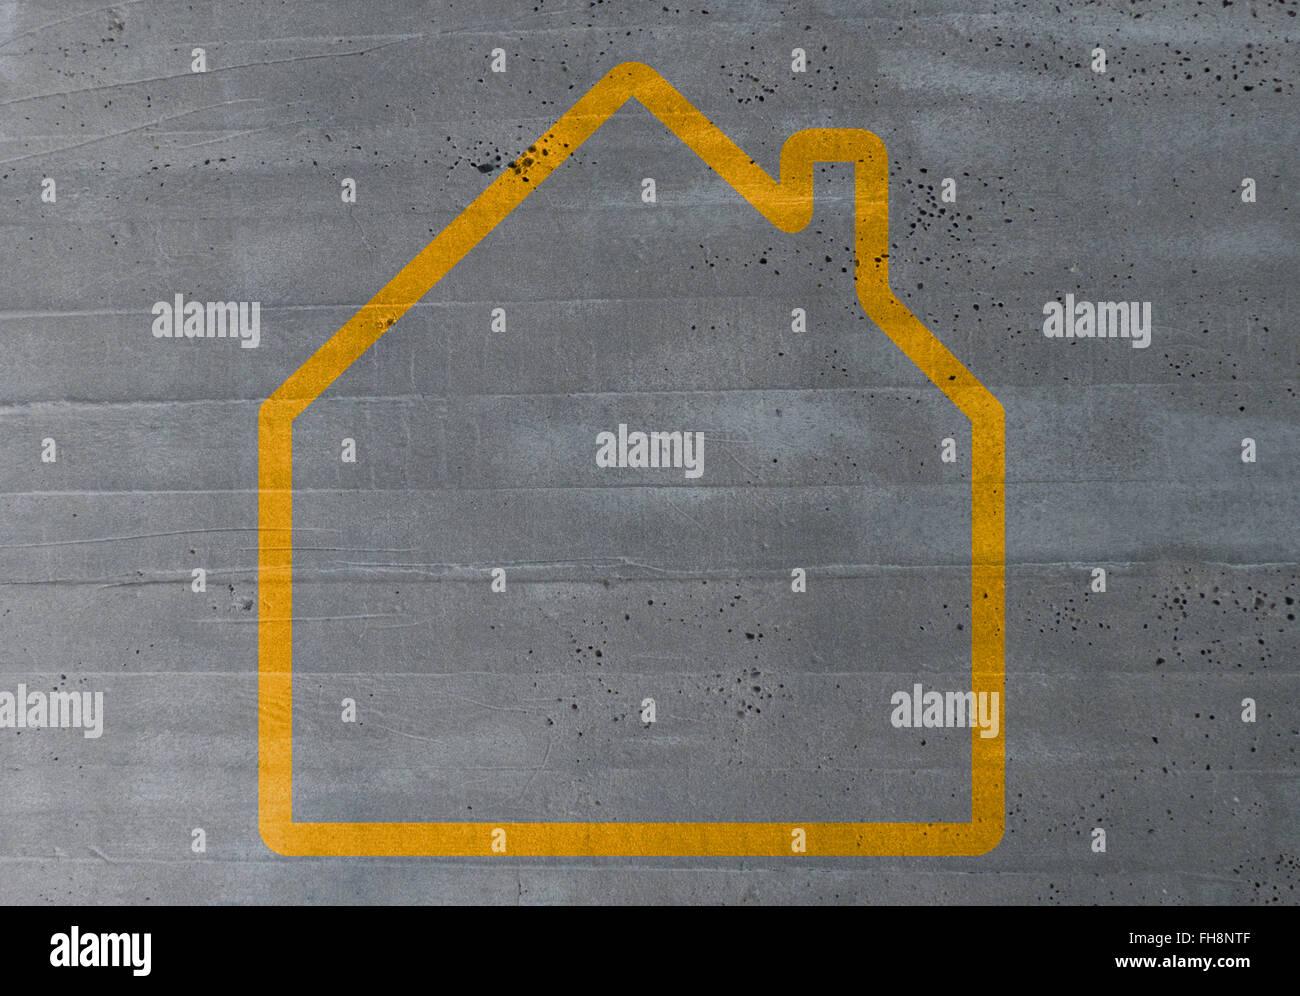 Haus-Konzept auf Zement Textur Hintergrund. Stockbild